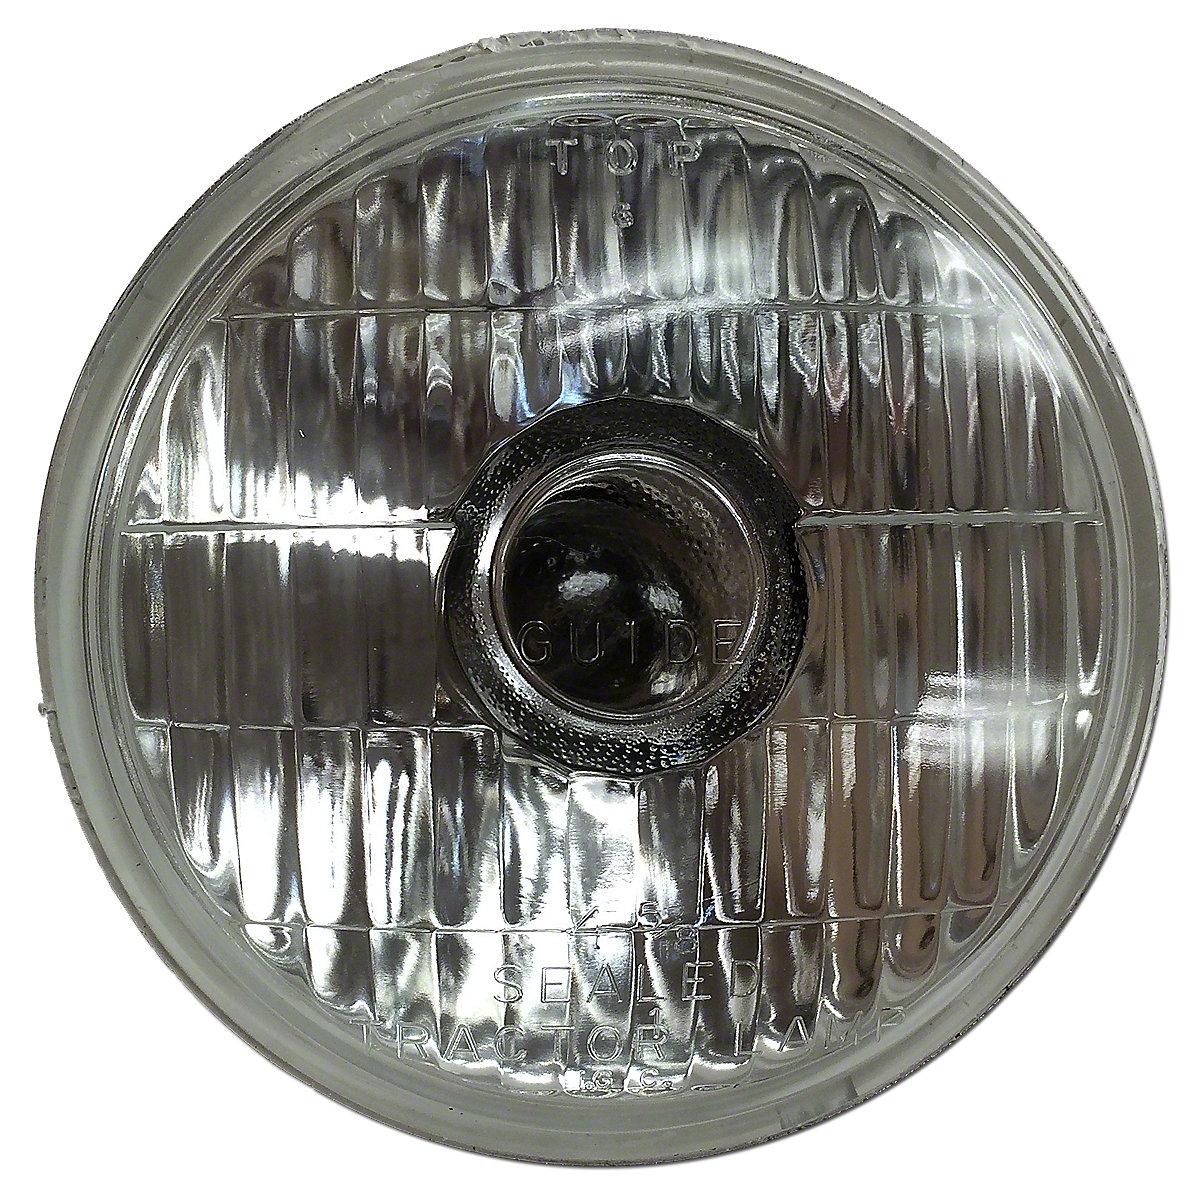 6 Volt Tractor Headlight Bulb : Volt sealed beam bulb farmall super m